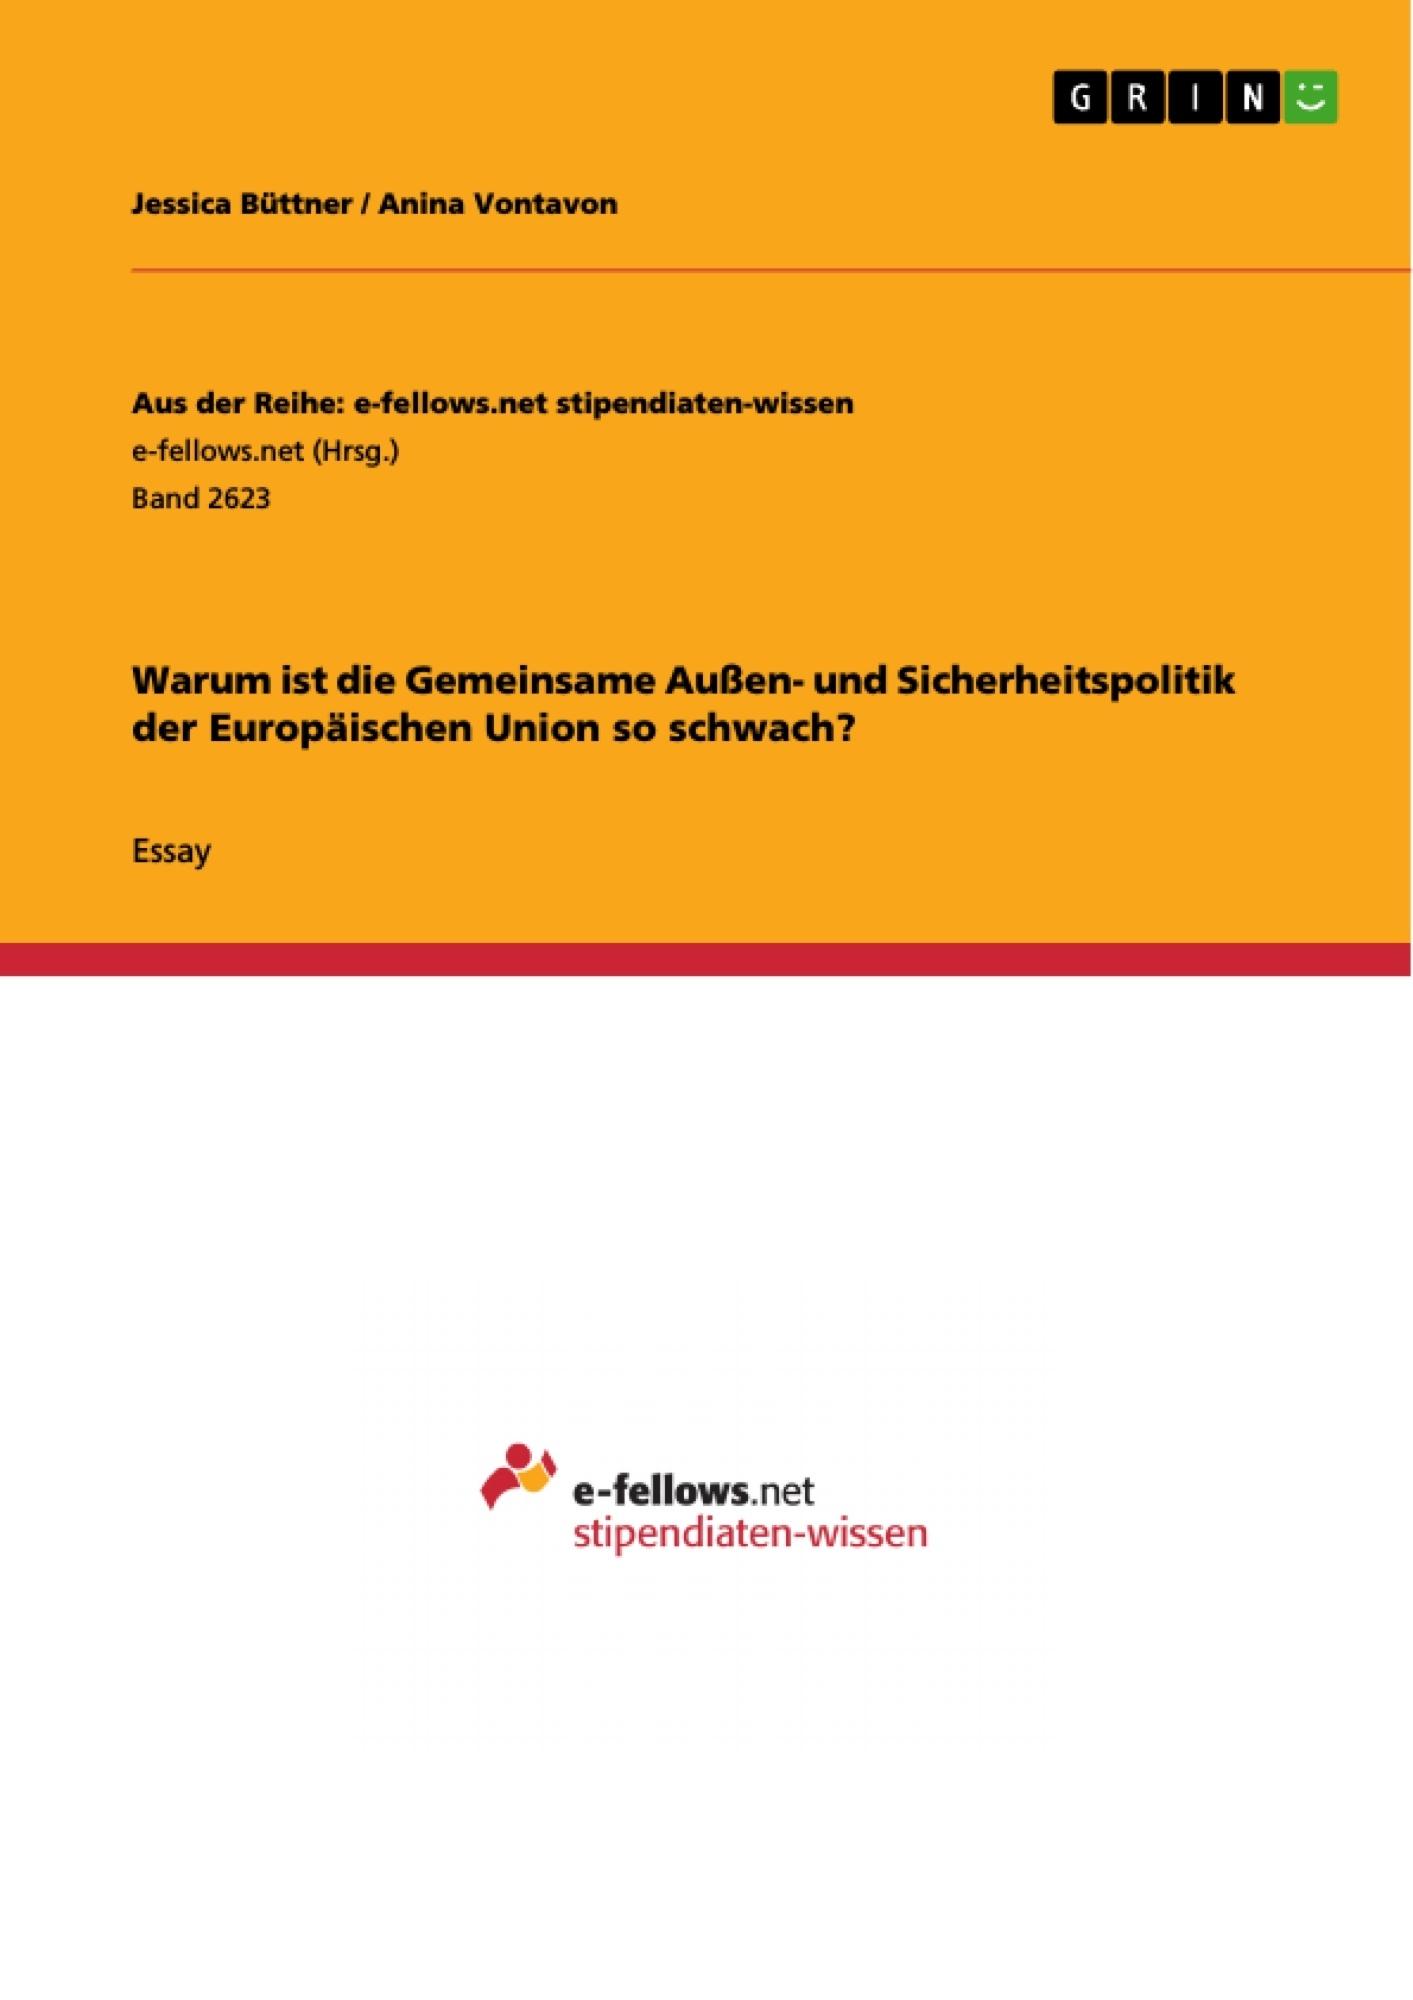 Titel: Warum ist die Gemeinsame Außen- und Sicherheitspolitik der Europäischen Union so schwach?